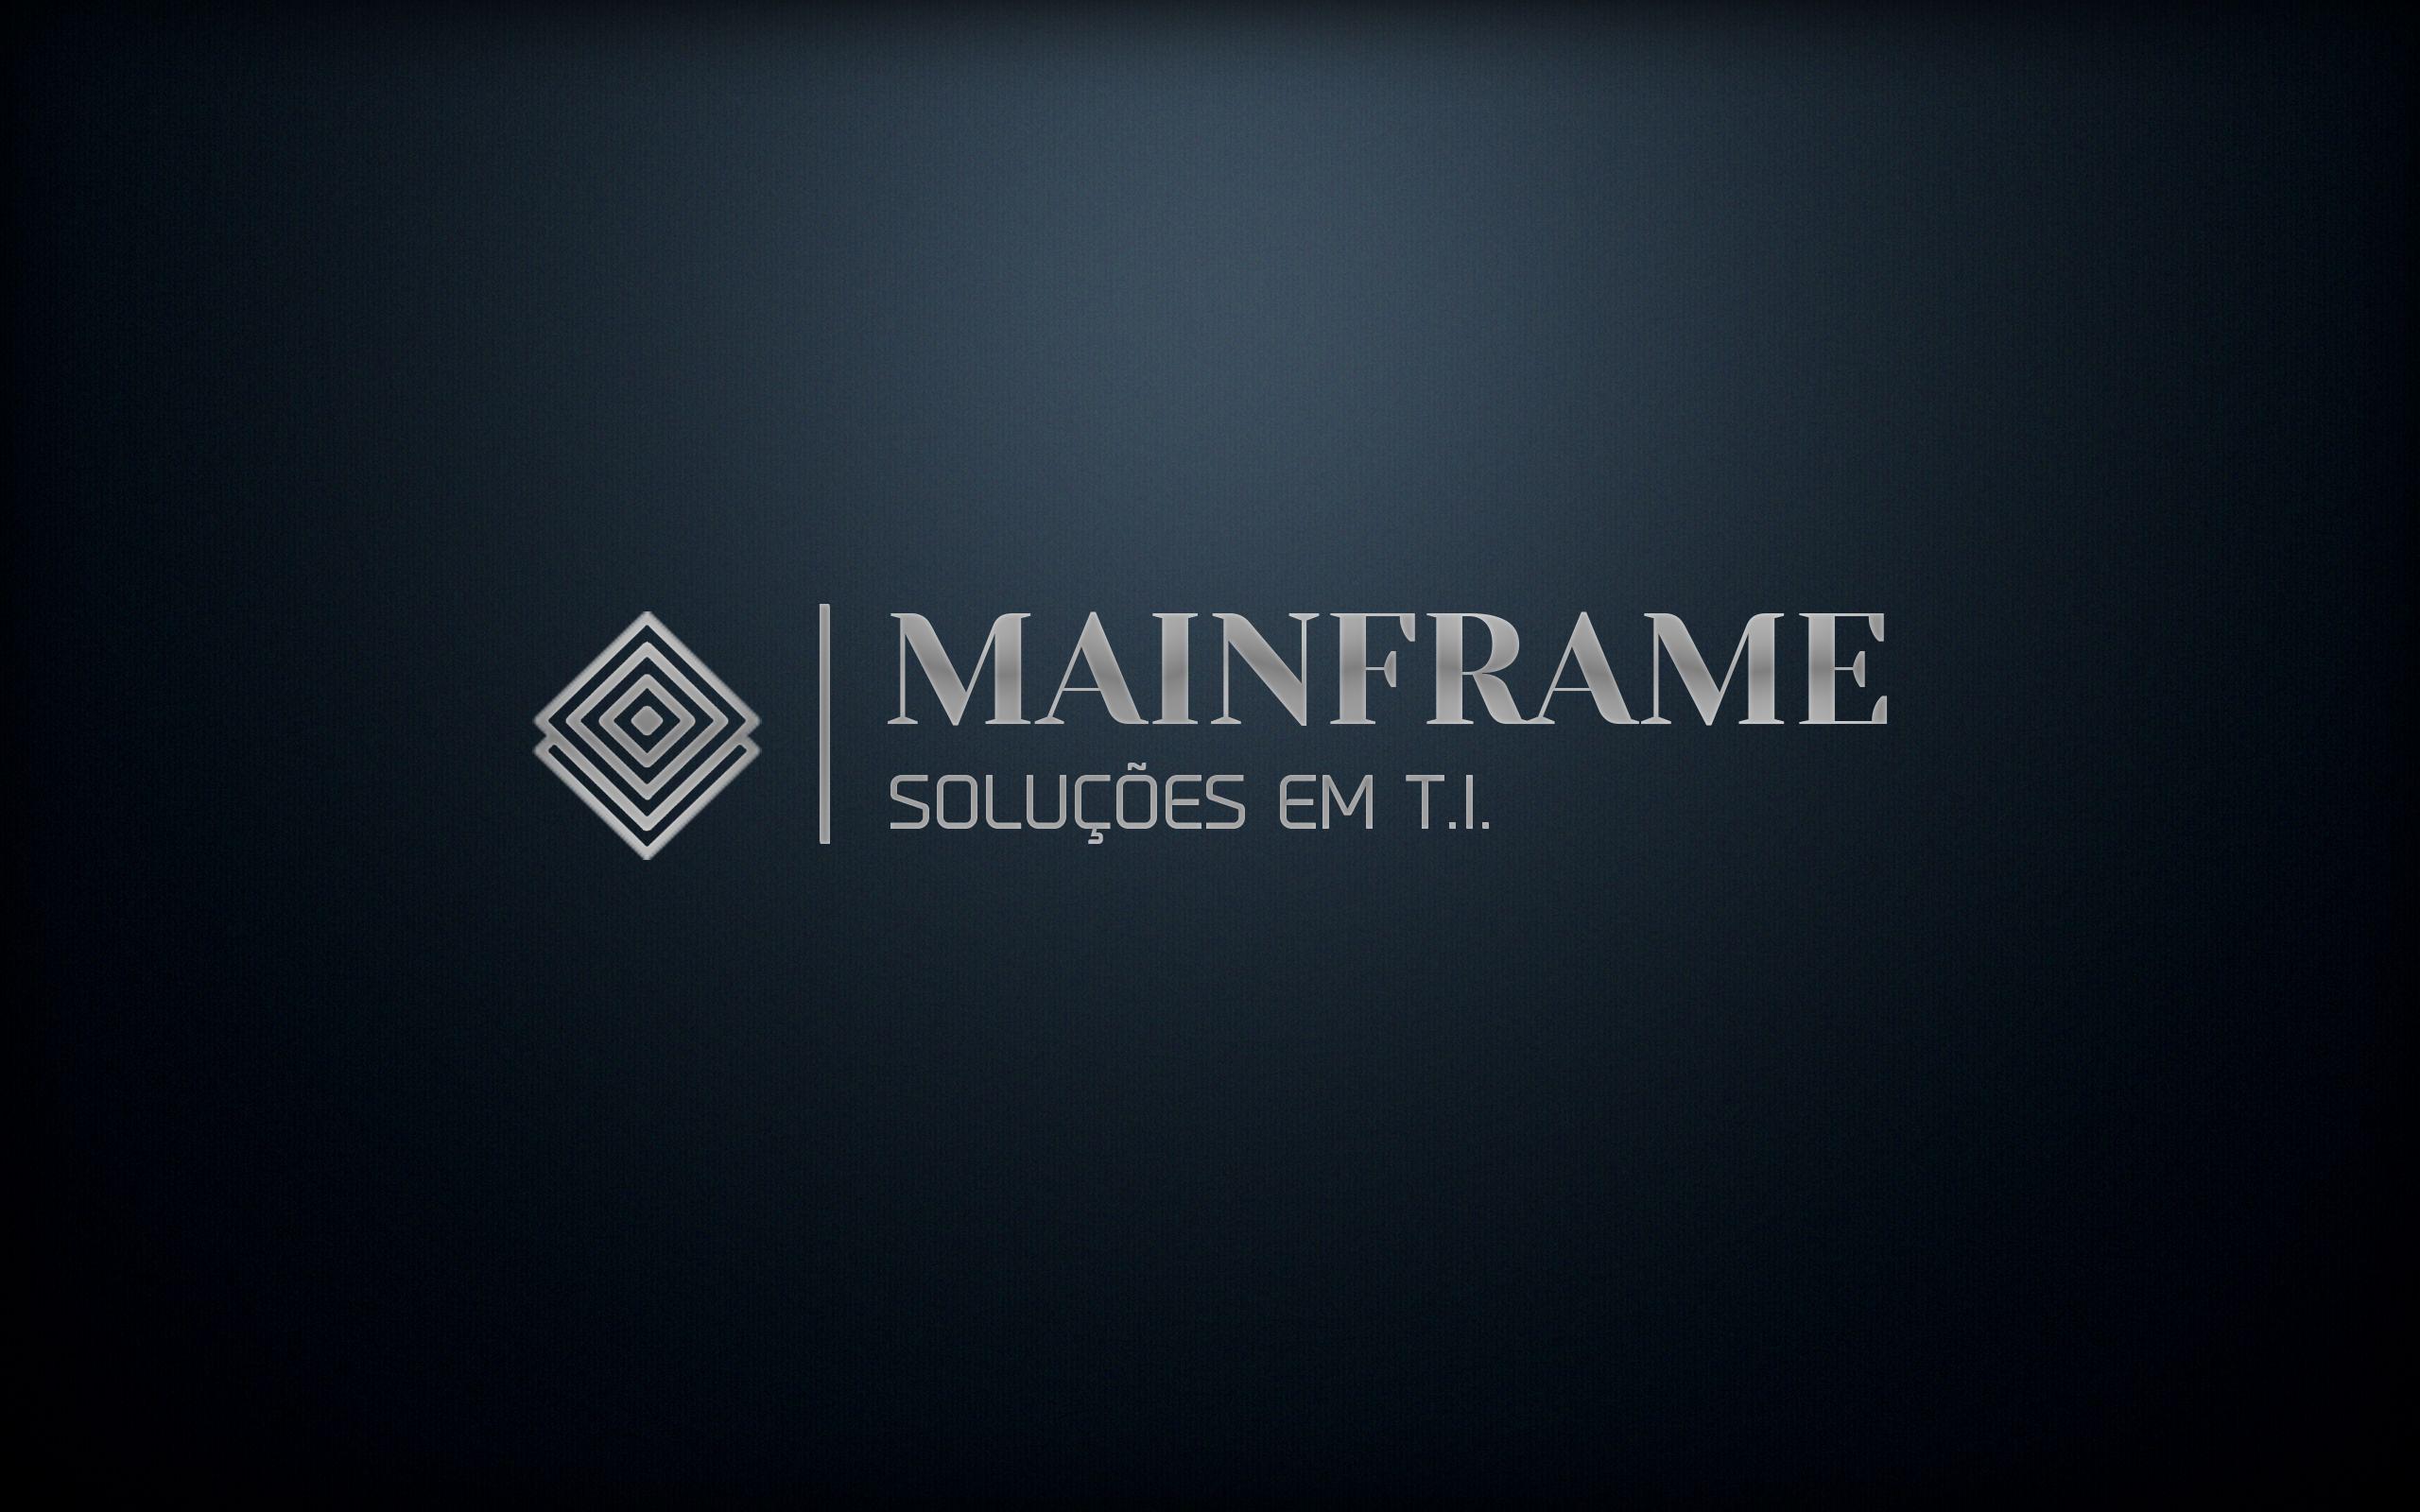 Mainframe - Soluções em T.I.